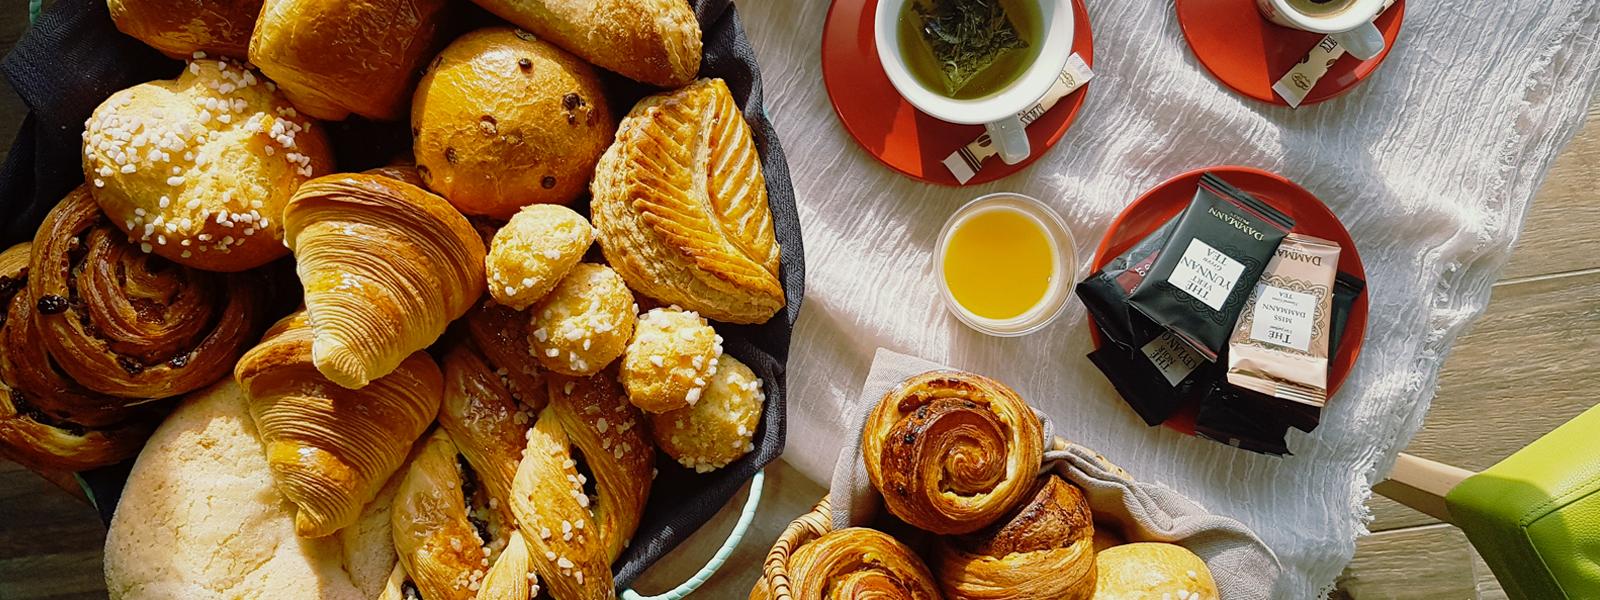 boulangerie blois